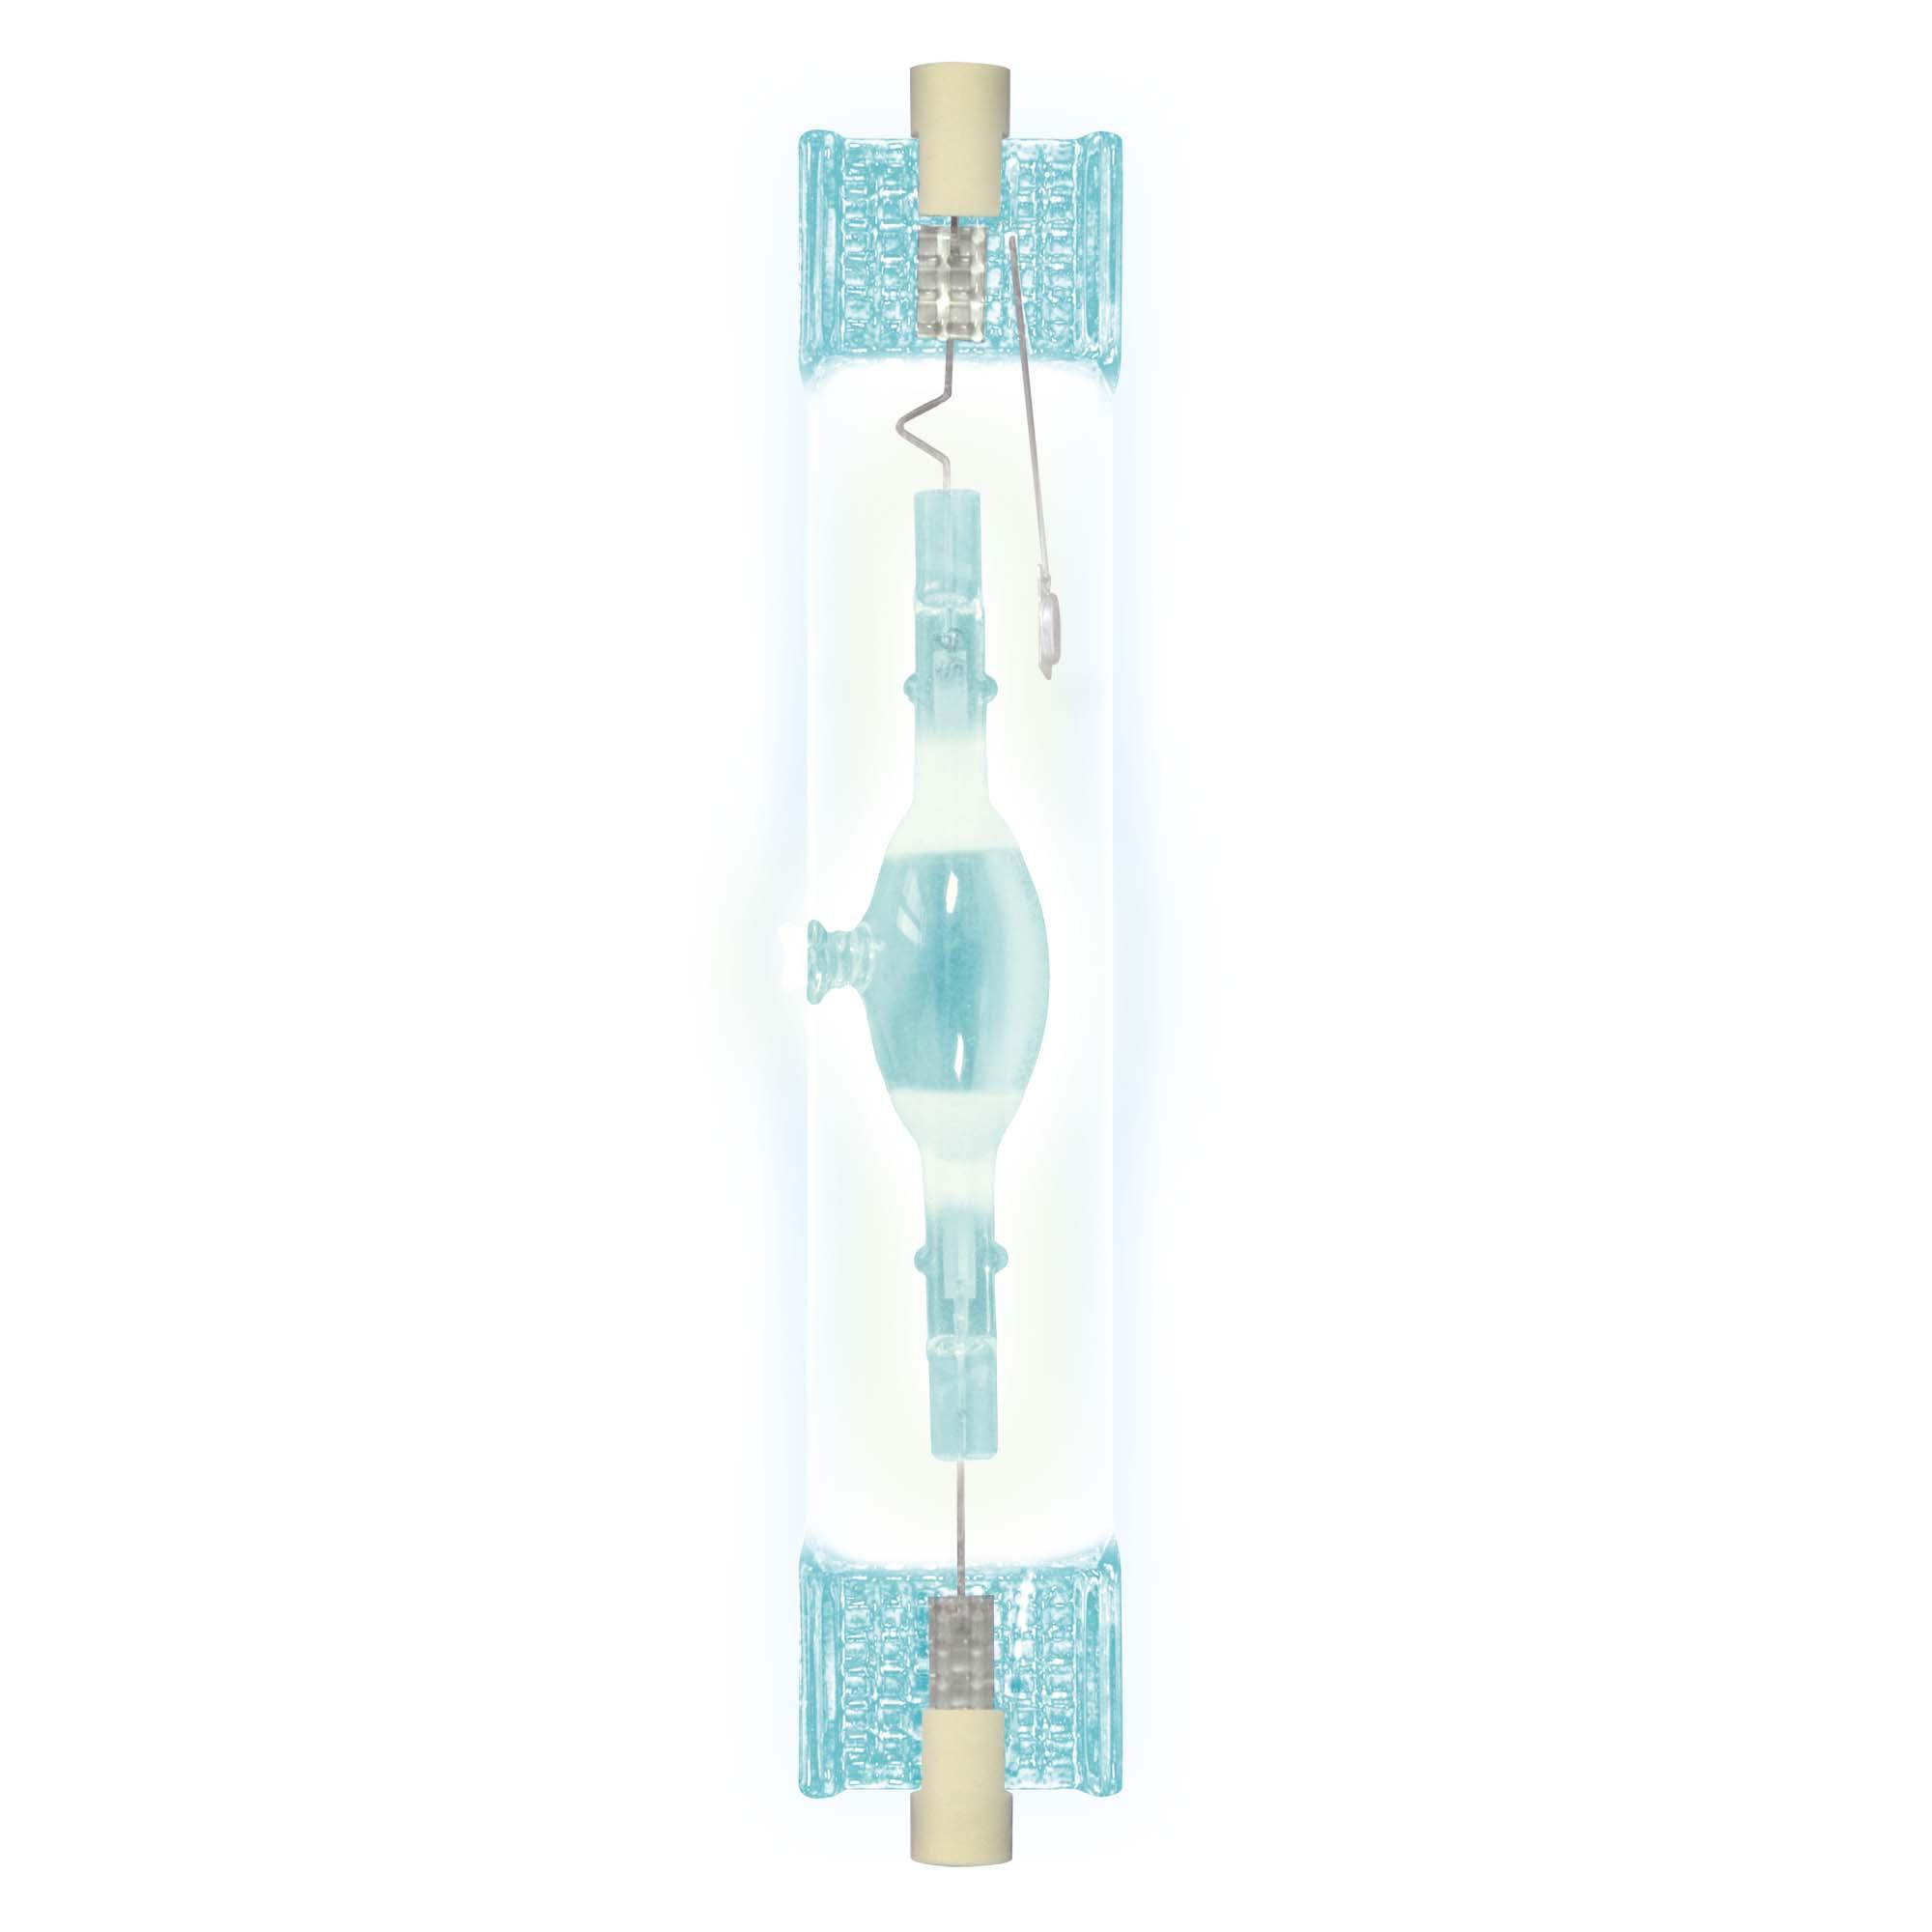 Лампа газоразрядная Uniel Mh-de-150/3300/r7s 24шт